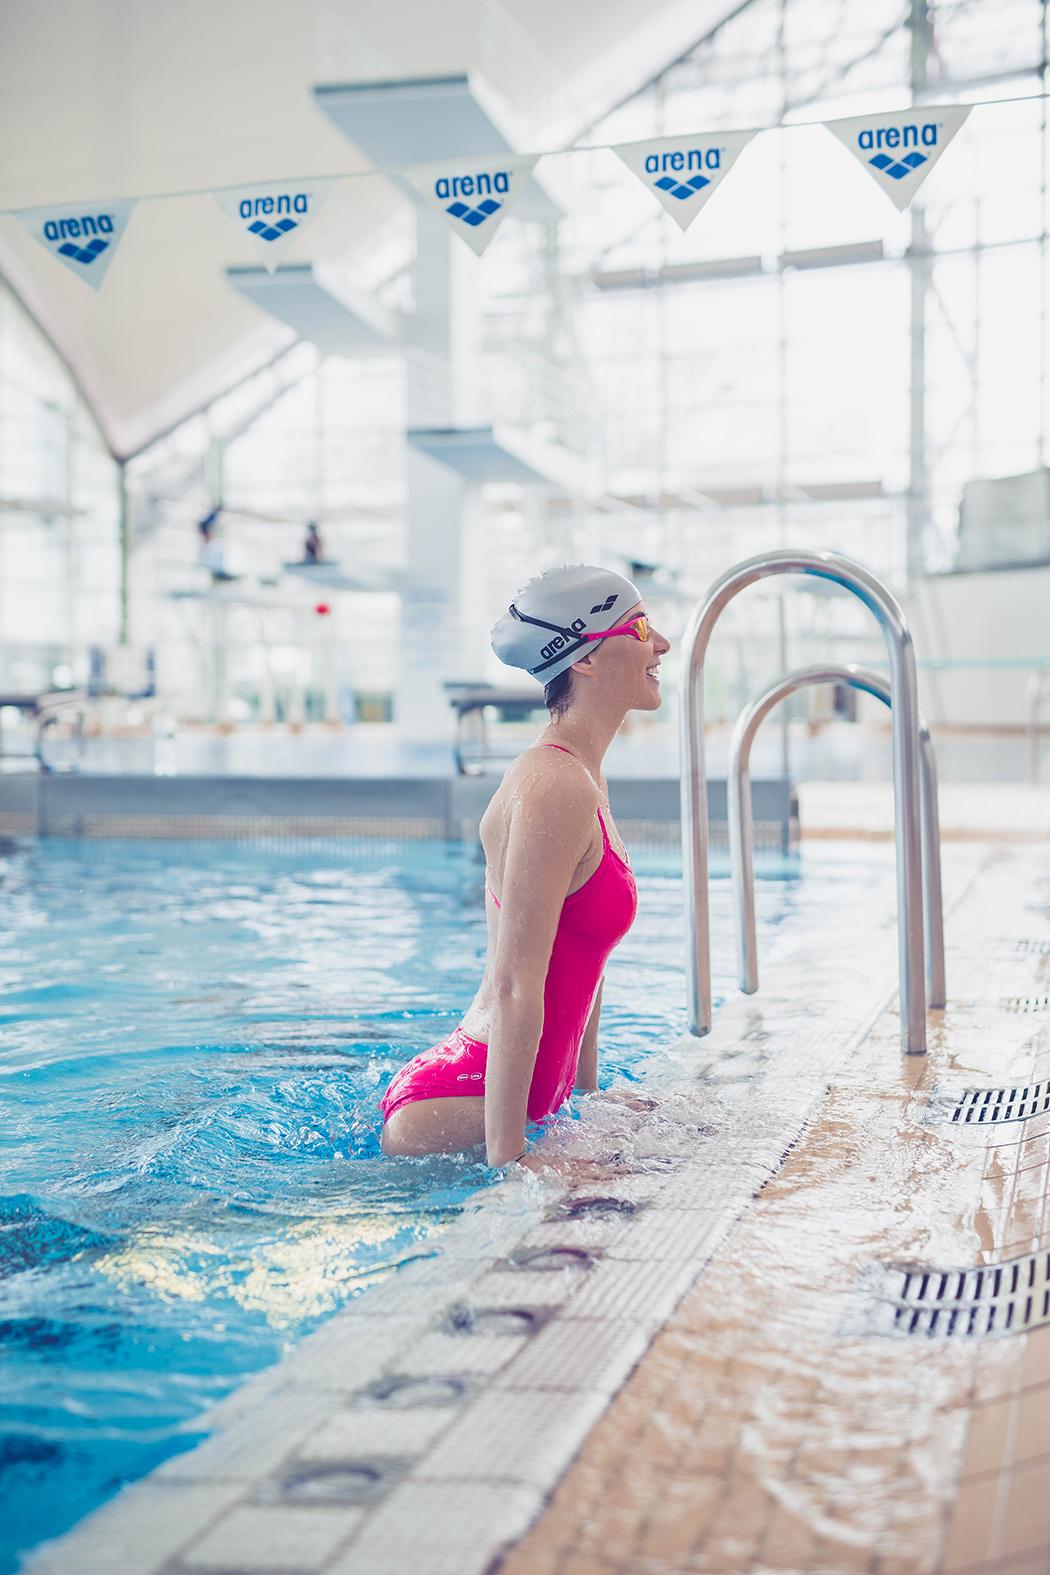 Fitnessblog-Fitnessblogger-Fitness-Blog-Blogger-Schwimmen-Anfaenger-Arena-Equipment-Linda-Lindarella-Muenchen-Deutschland-45-web